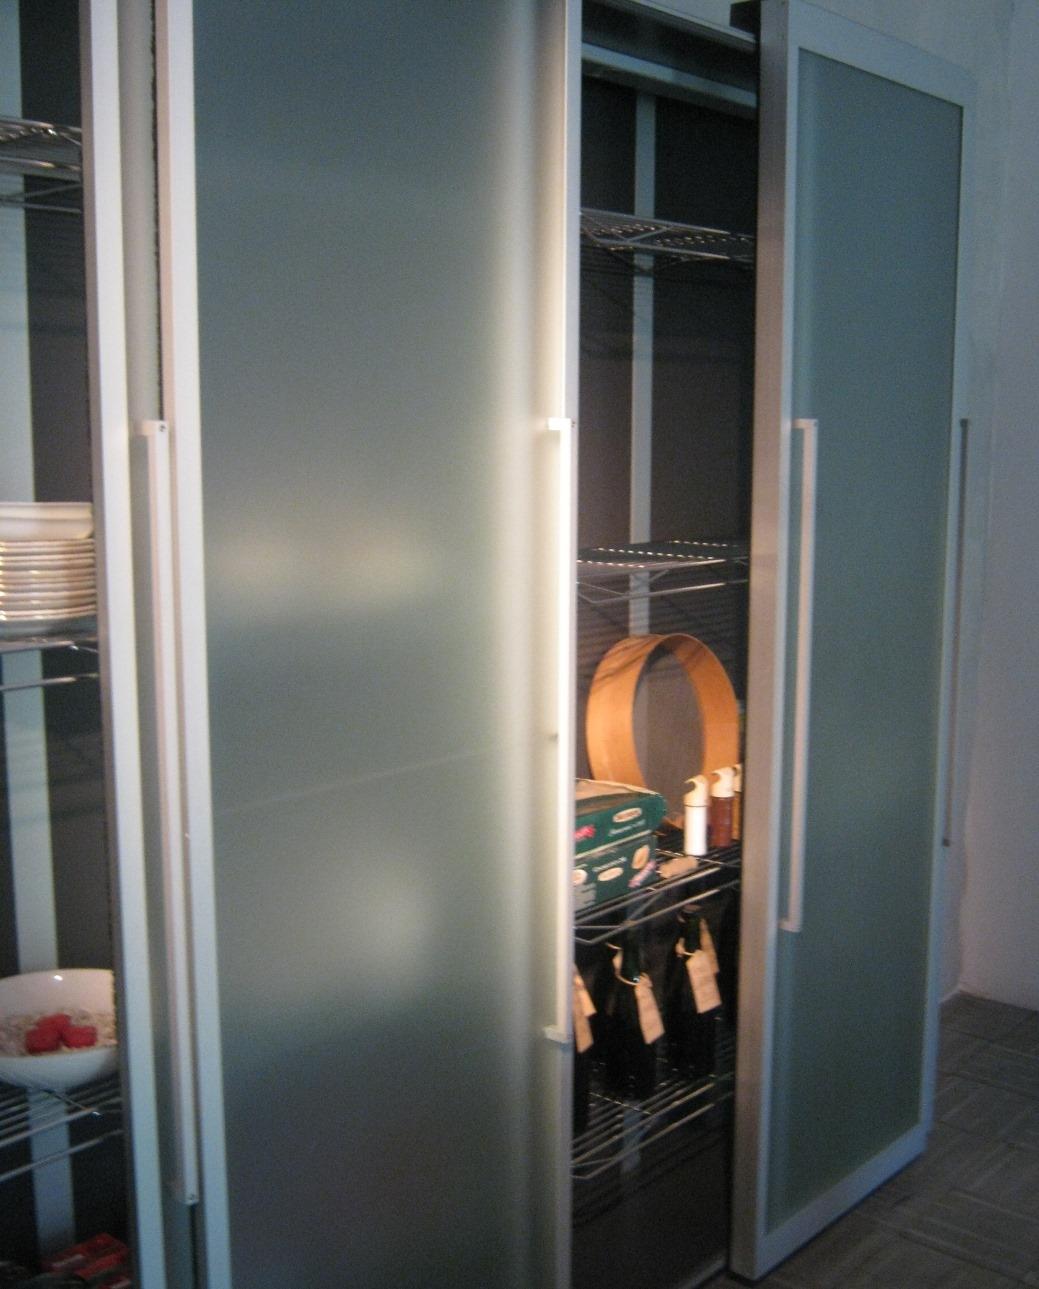 Cucina Boffi Boffi Credenza Ante Scorrevoli Cucina Factory Design  #9E5B2D 1039 1289 Pensili Da Cucina Ad Angolo